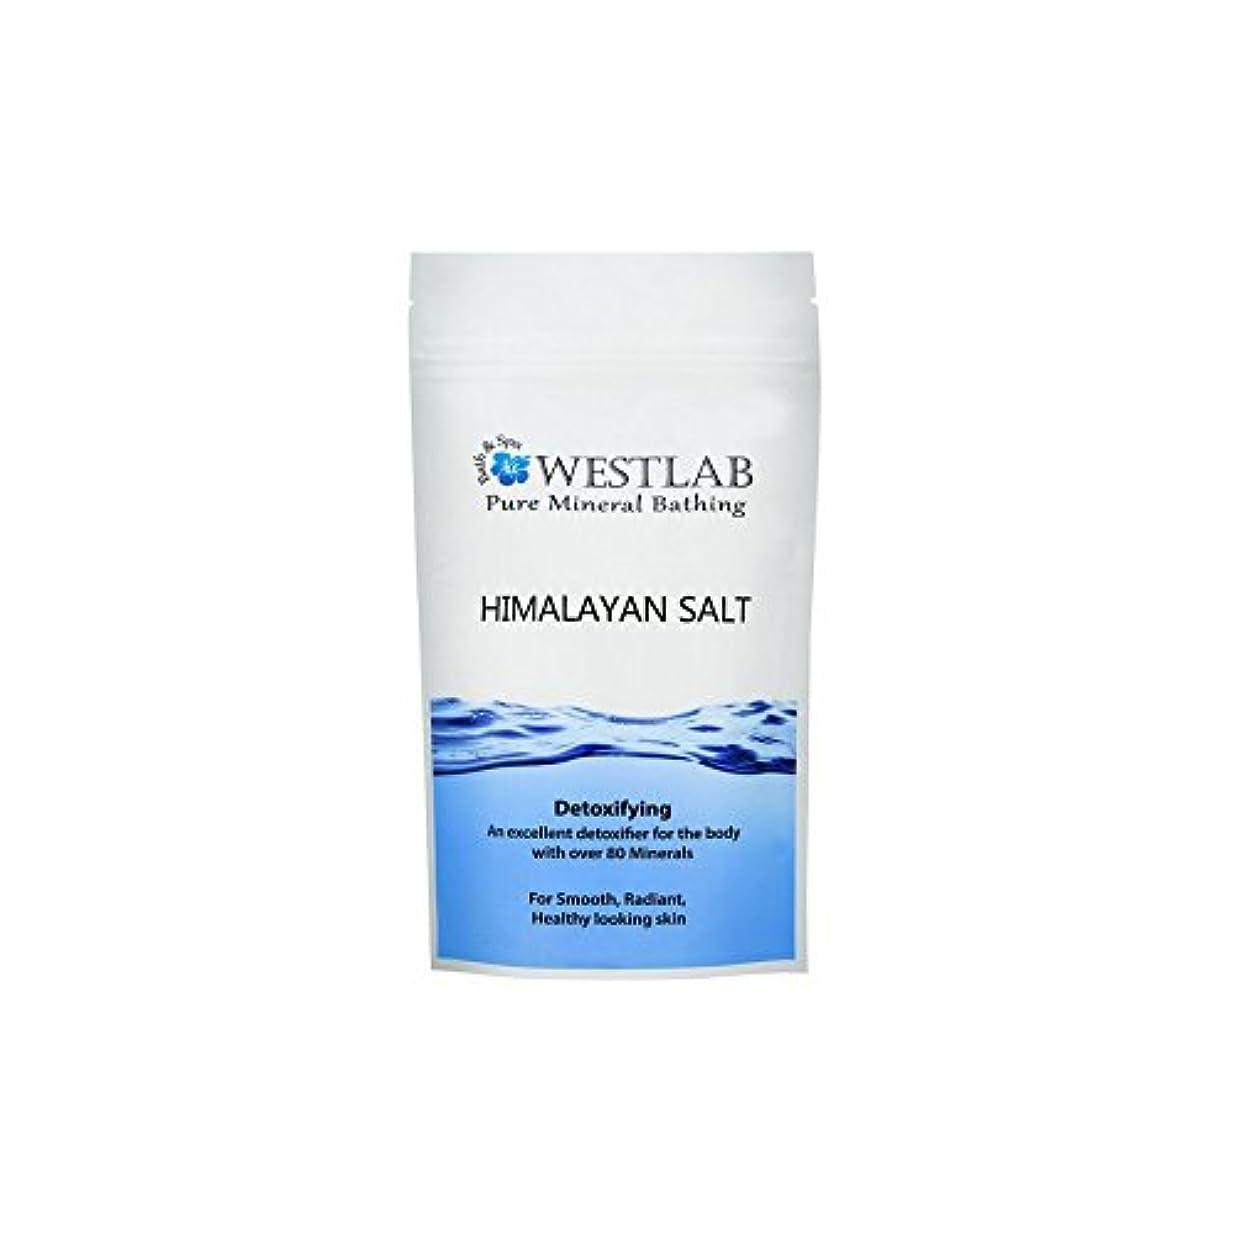 傘スタッフ章ヒマラヤ塩の1キロ x4 - Westlab Himalayan Salt 1kg (Pack of 4) [並行輸入品]